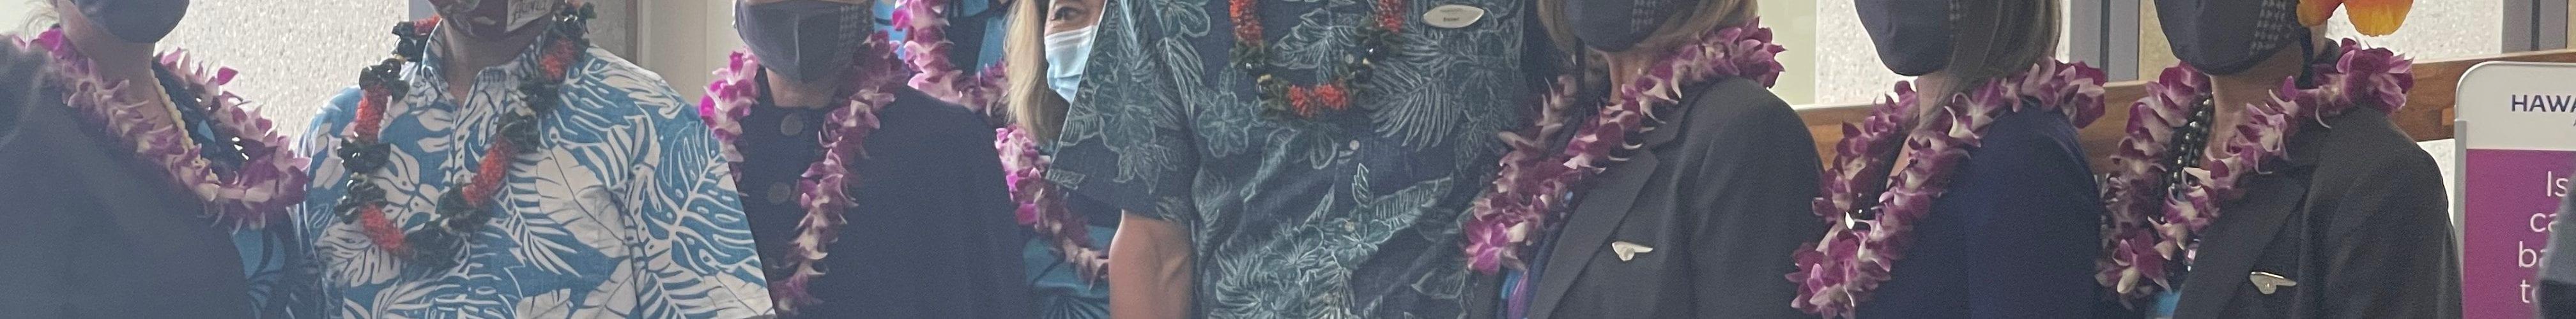 ჰავაის ავიახაზებს მოაქვს Aloha ორლანდოში